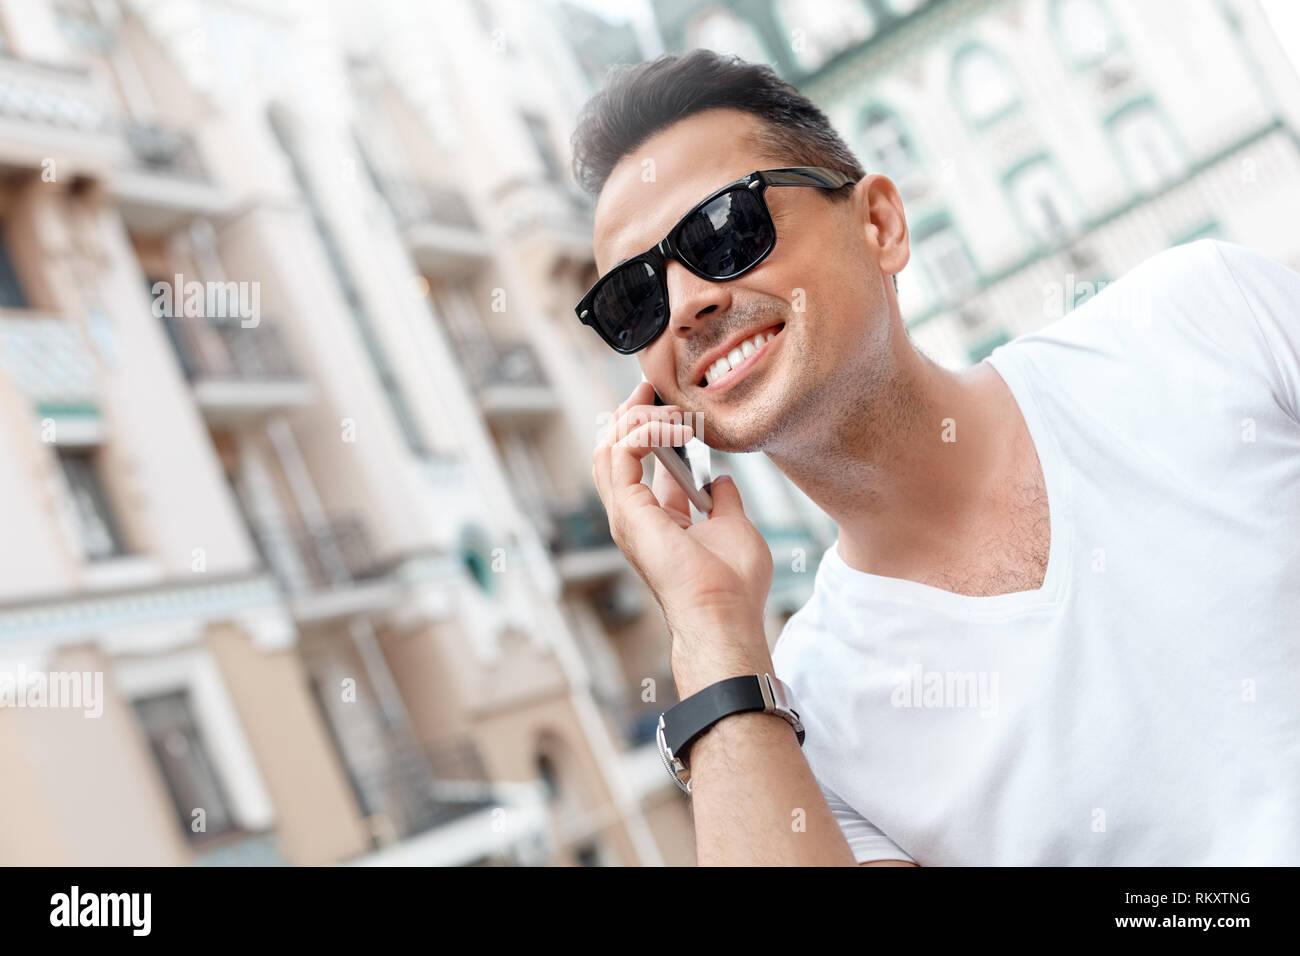 9976413f26 Joven hombre elegante con gafas de sol al aire libre caminando por las  calles de la